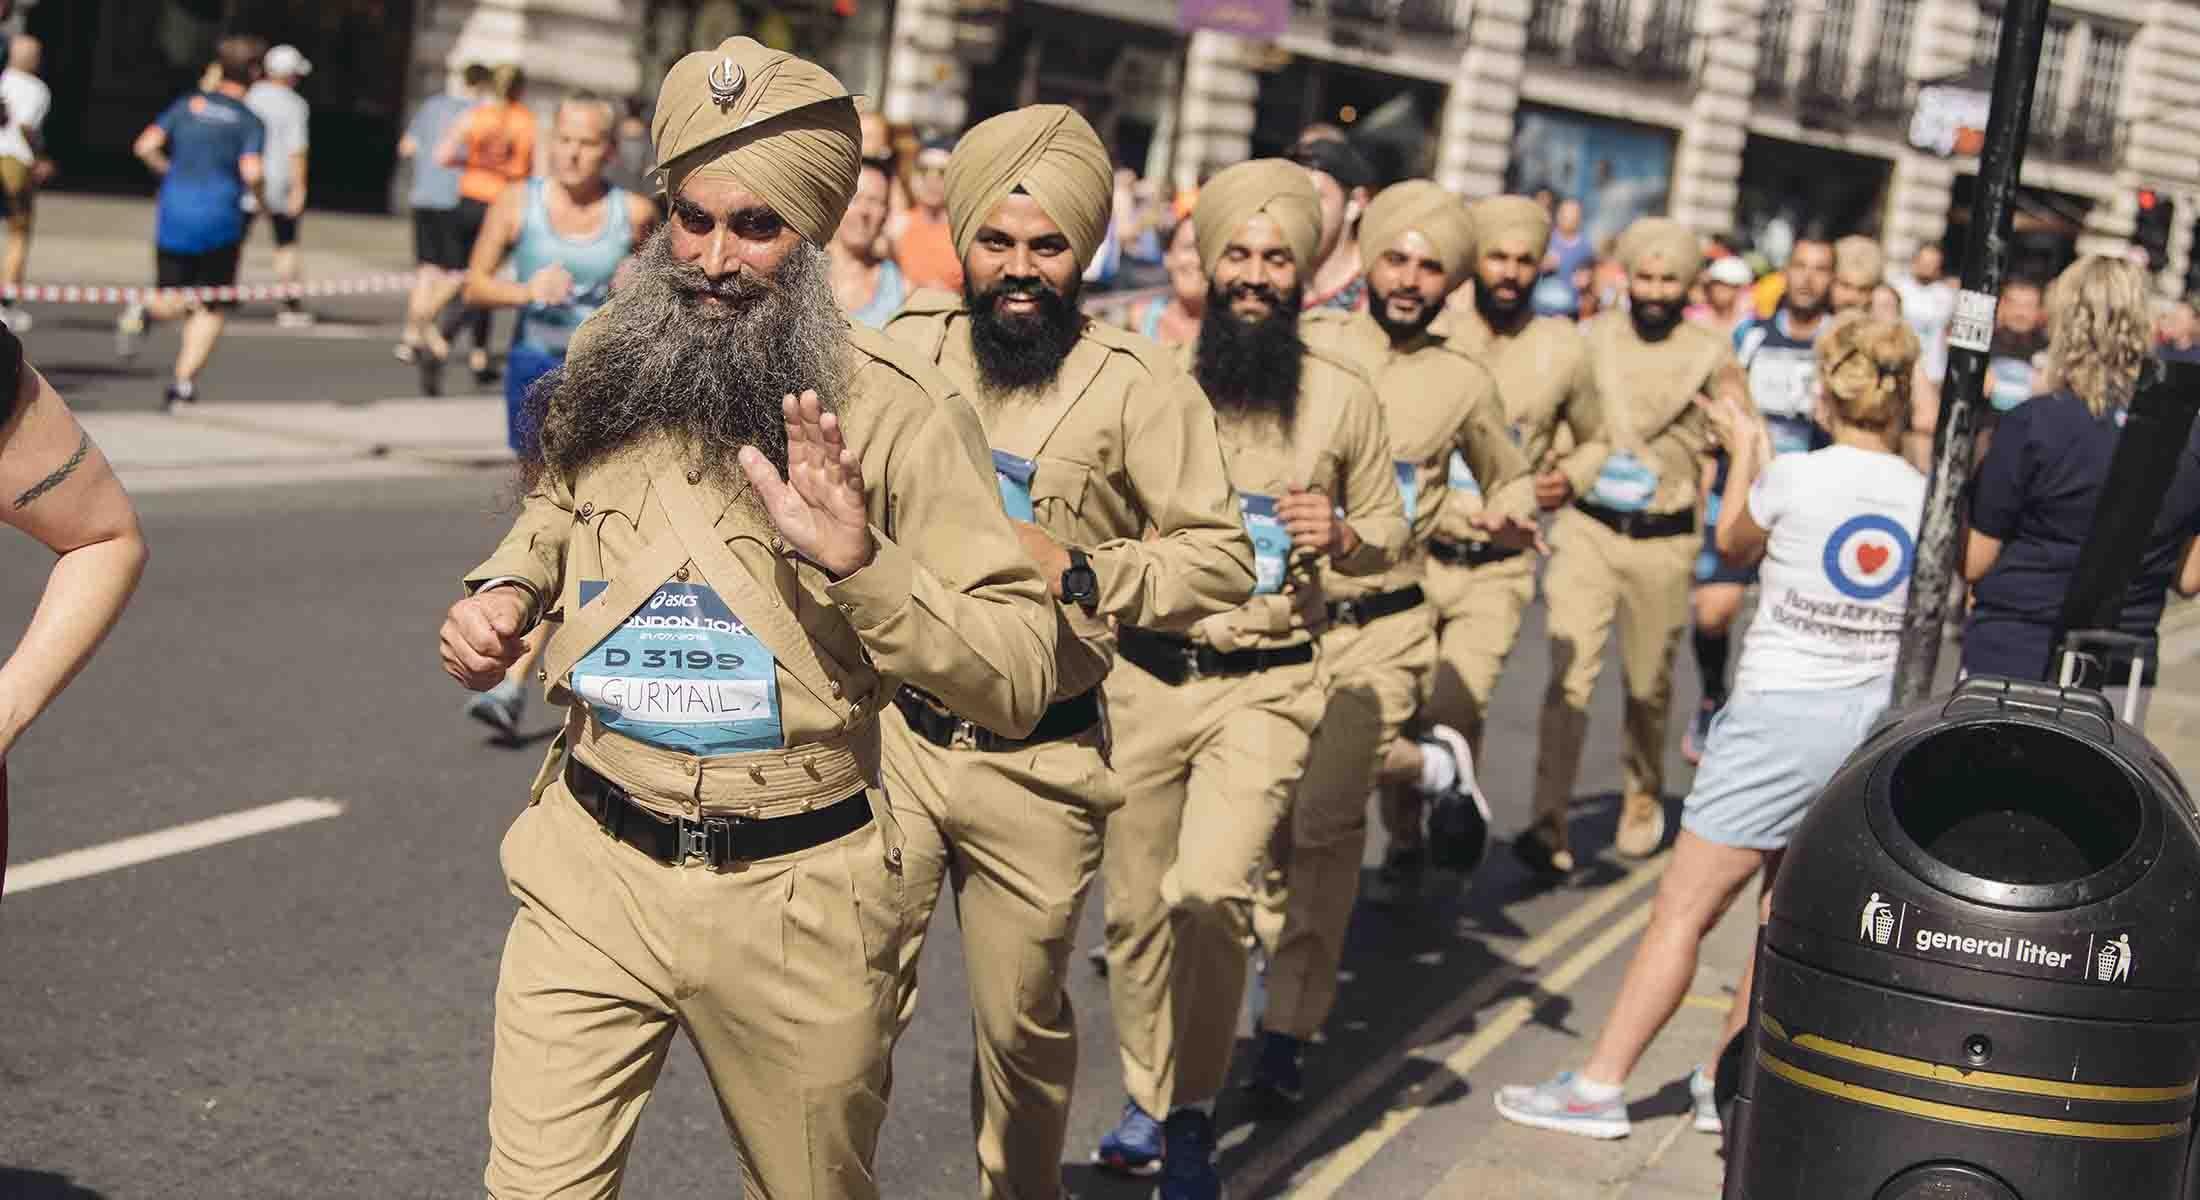 ASICS London 10K runners